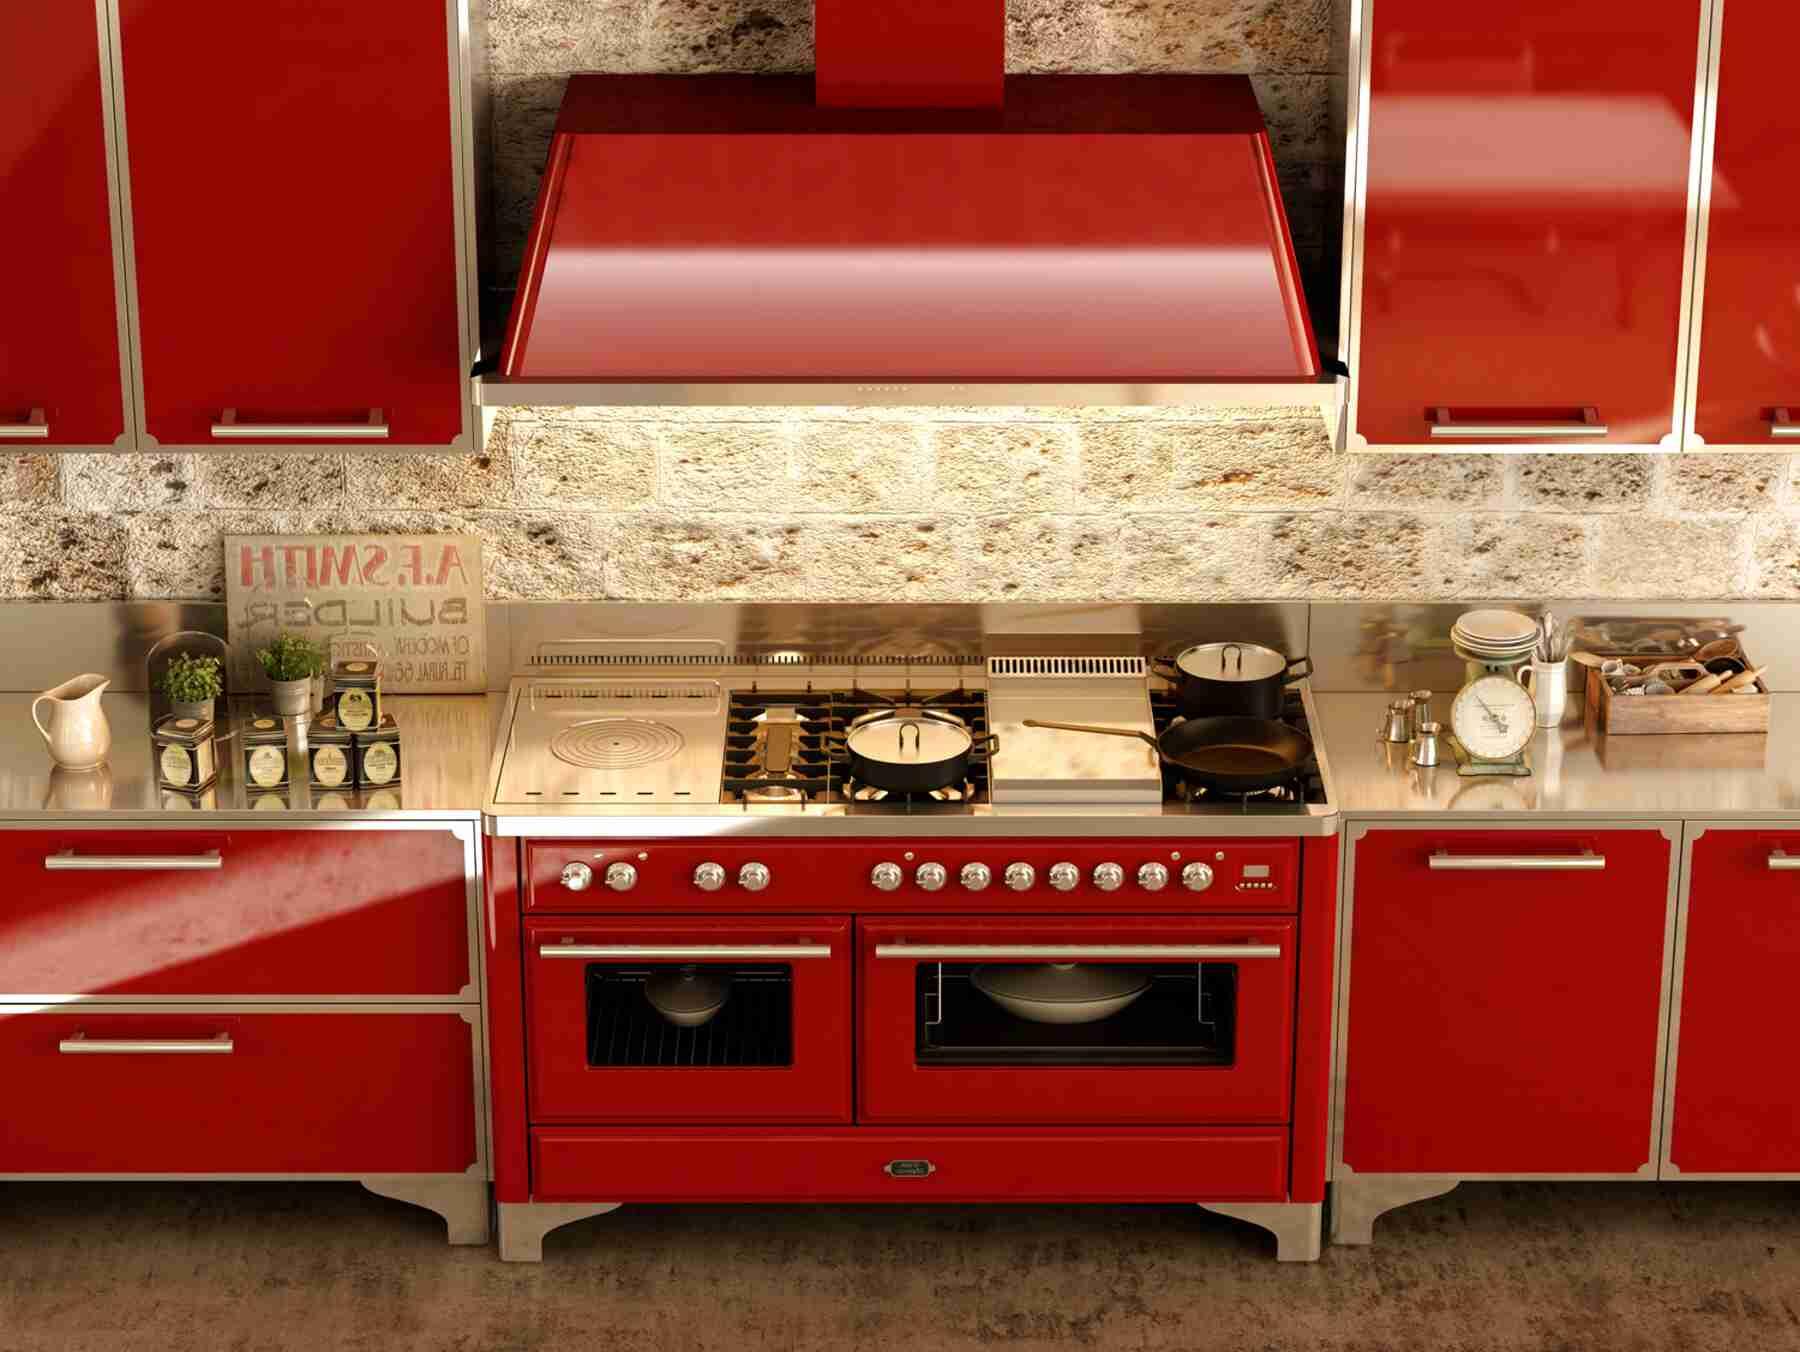 Cucine In Acciaio Inox Usate.Cucina Acciaio Inox Professionale Usato In Italia Vedi Tutte I